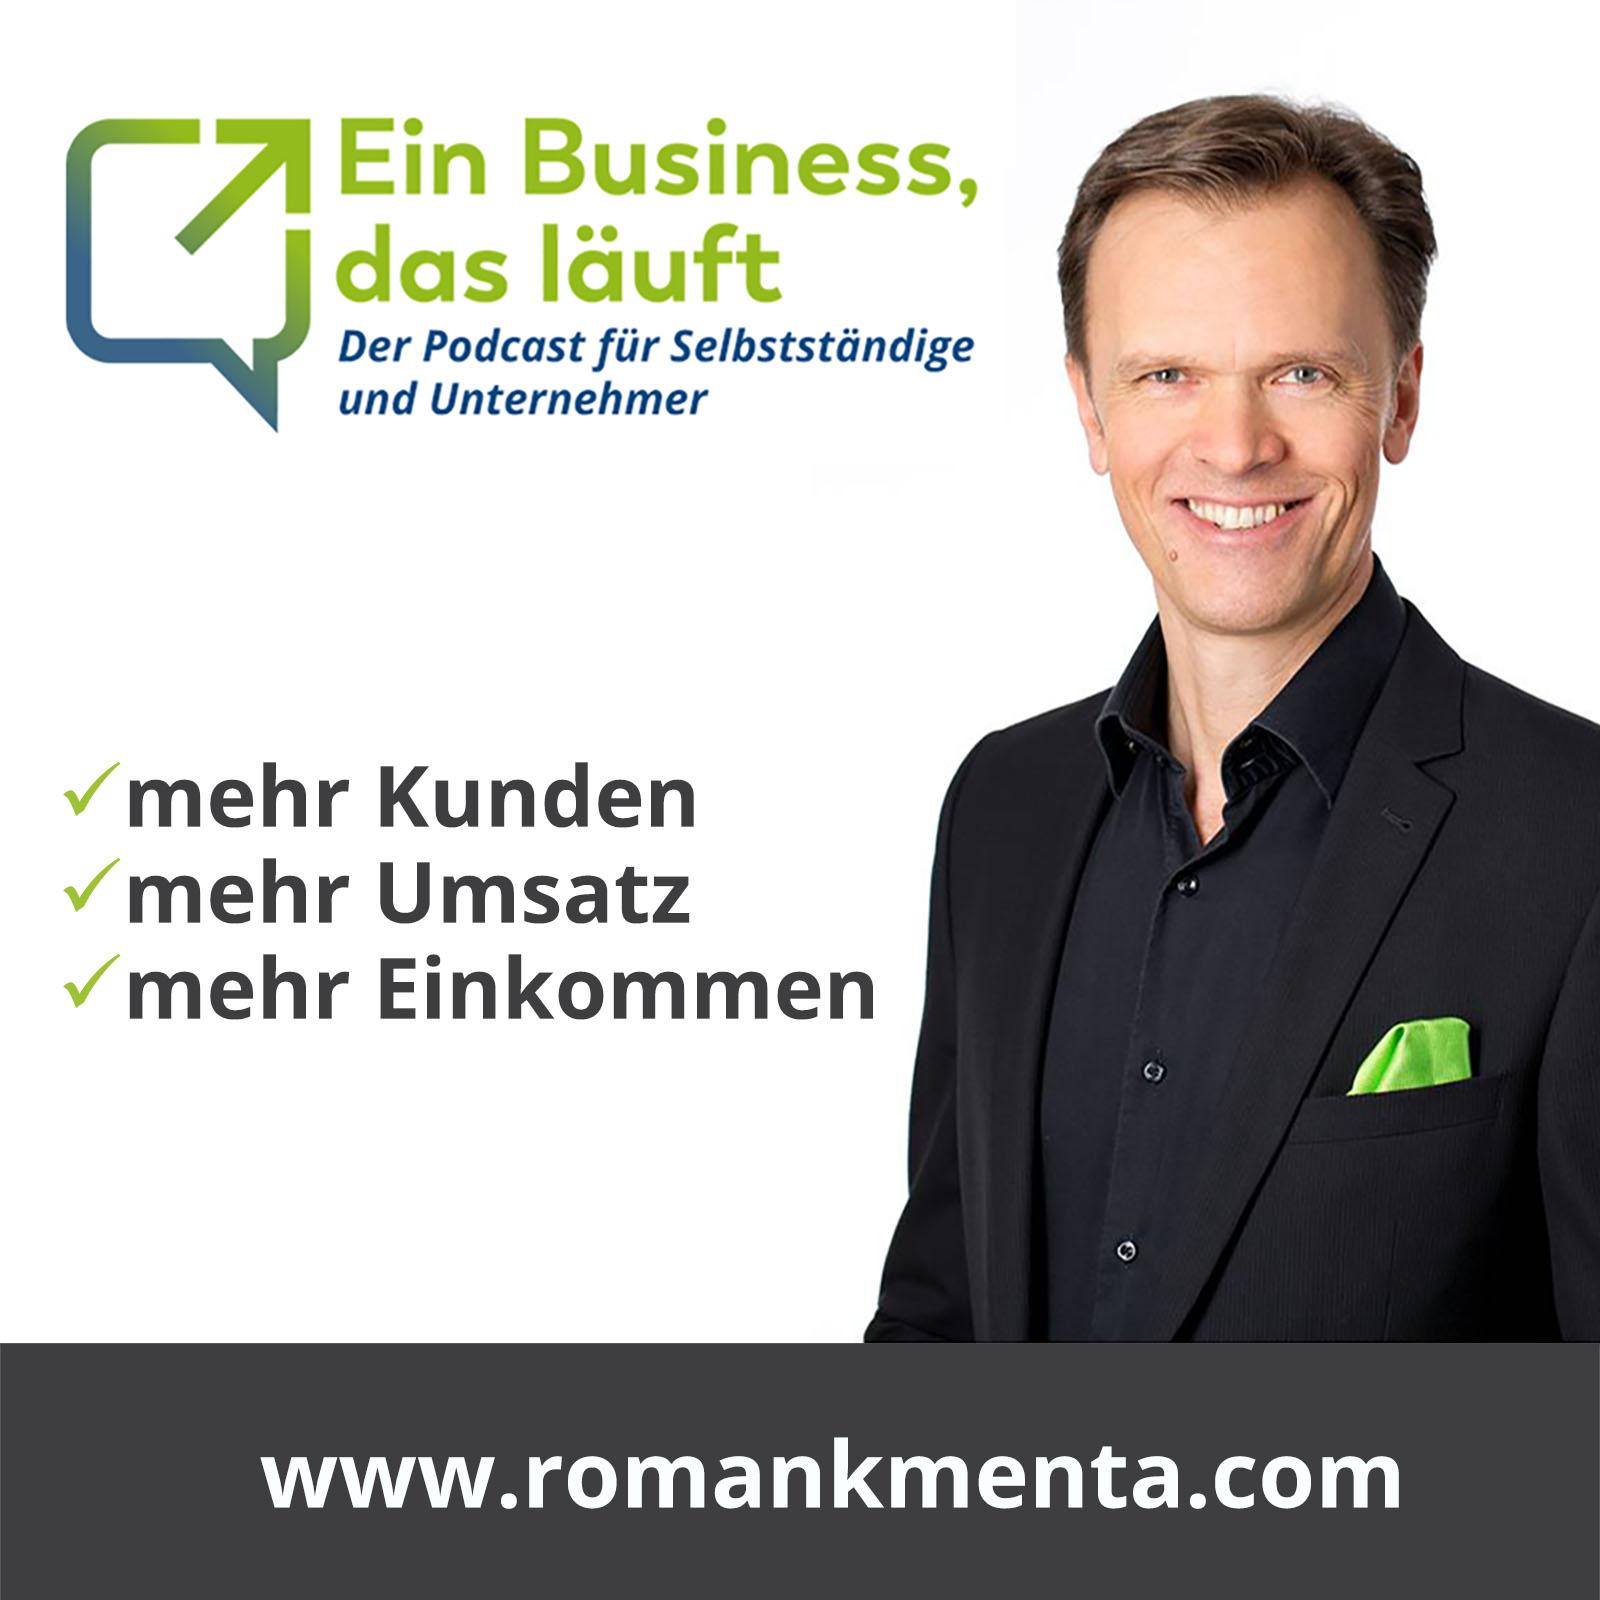 Ein Business, das läuft - Der Podcast für Selbstständige und Unternehmer